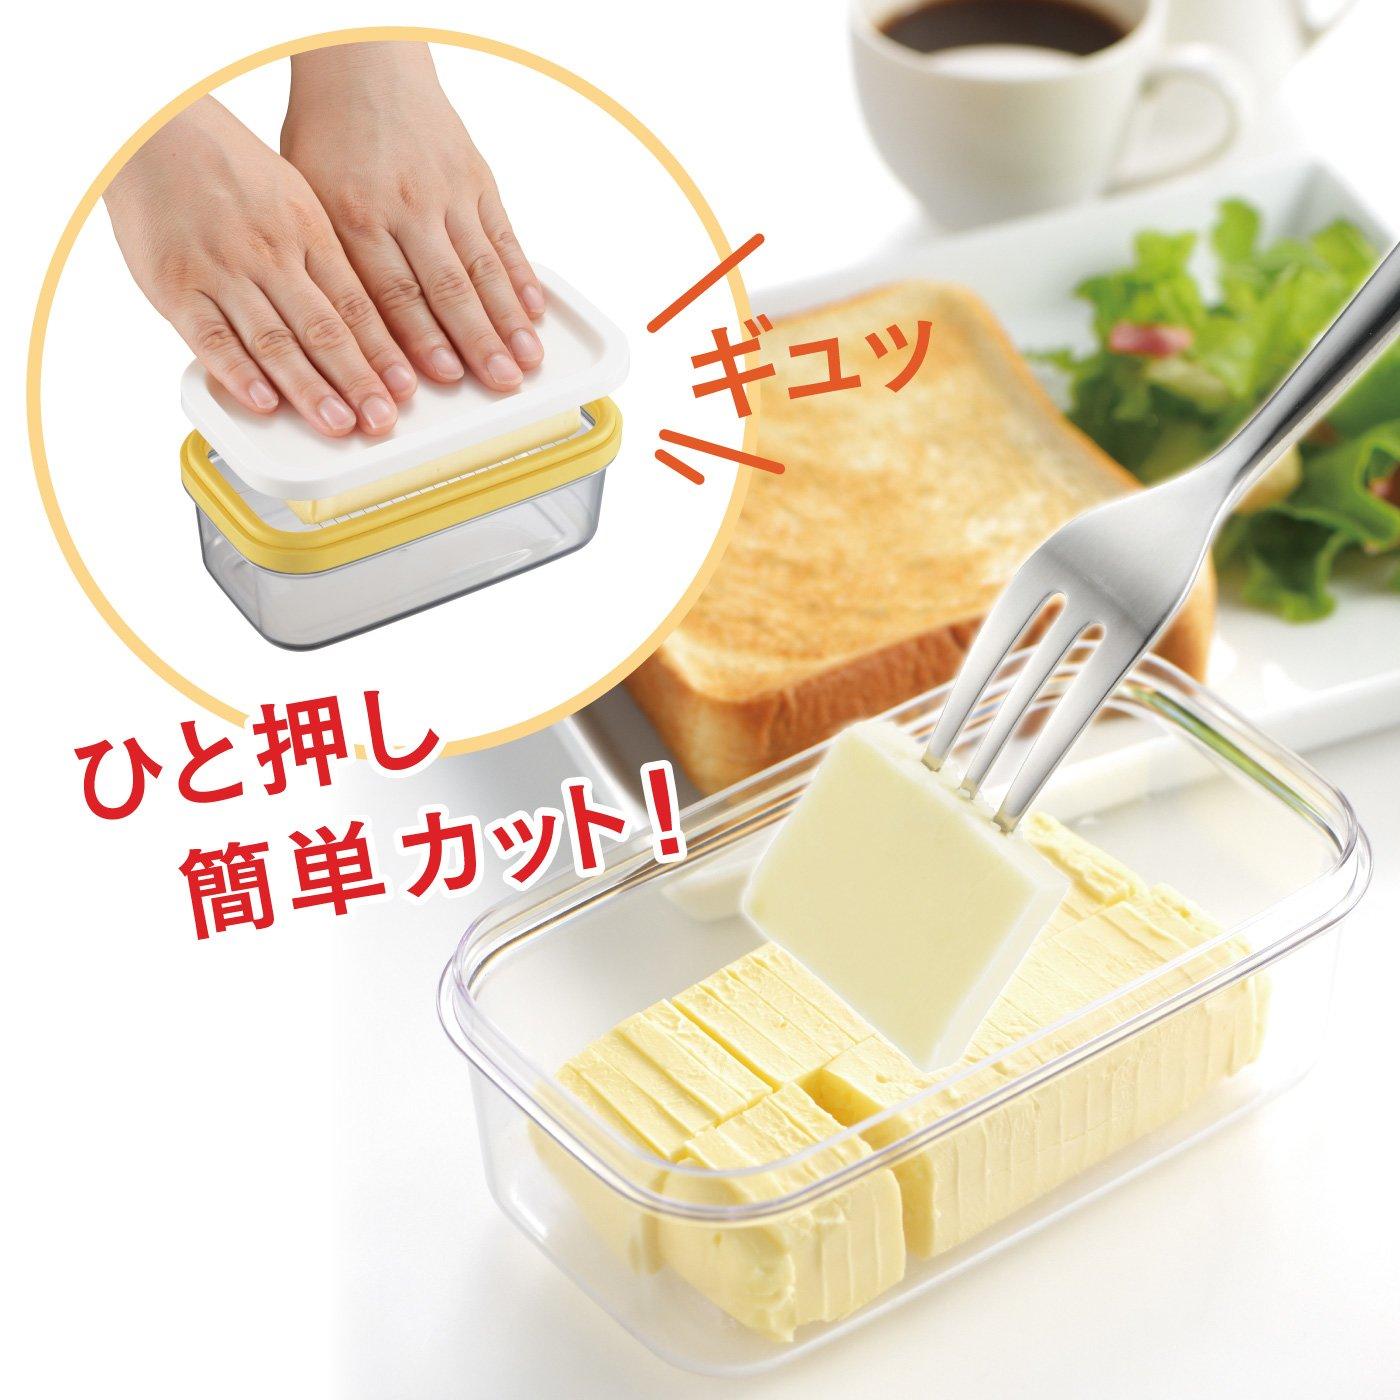 バター好きの神アイテム カットできちゃうバターケース